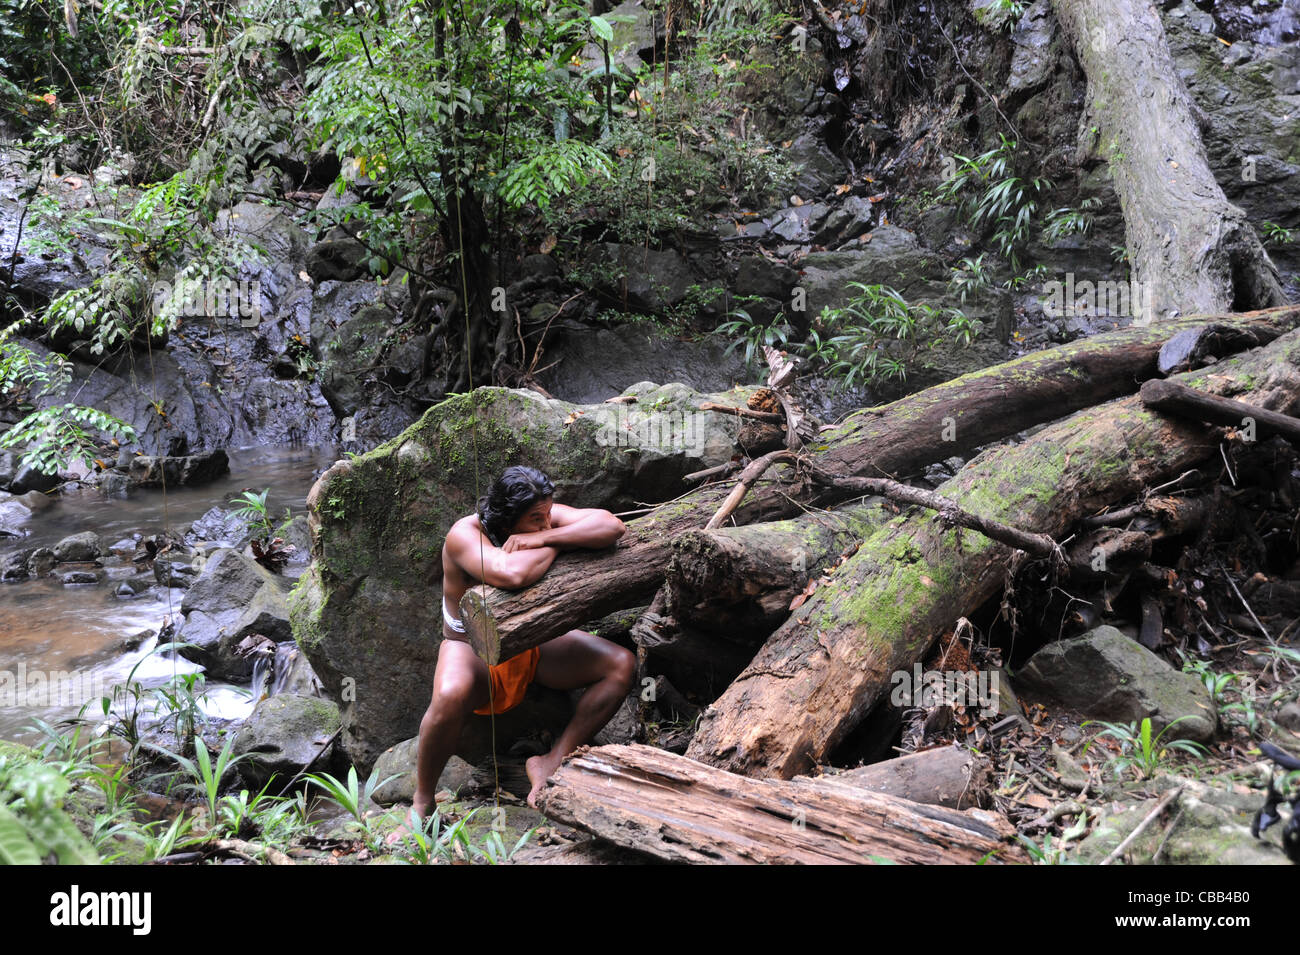 Hombre indio Embera en la selva en la comunidad indígena Embera Puru en Panamá Foto de stock